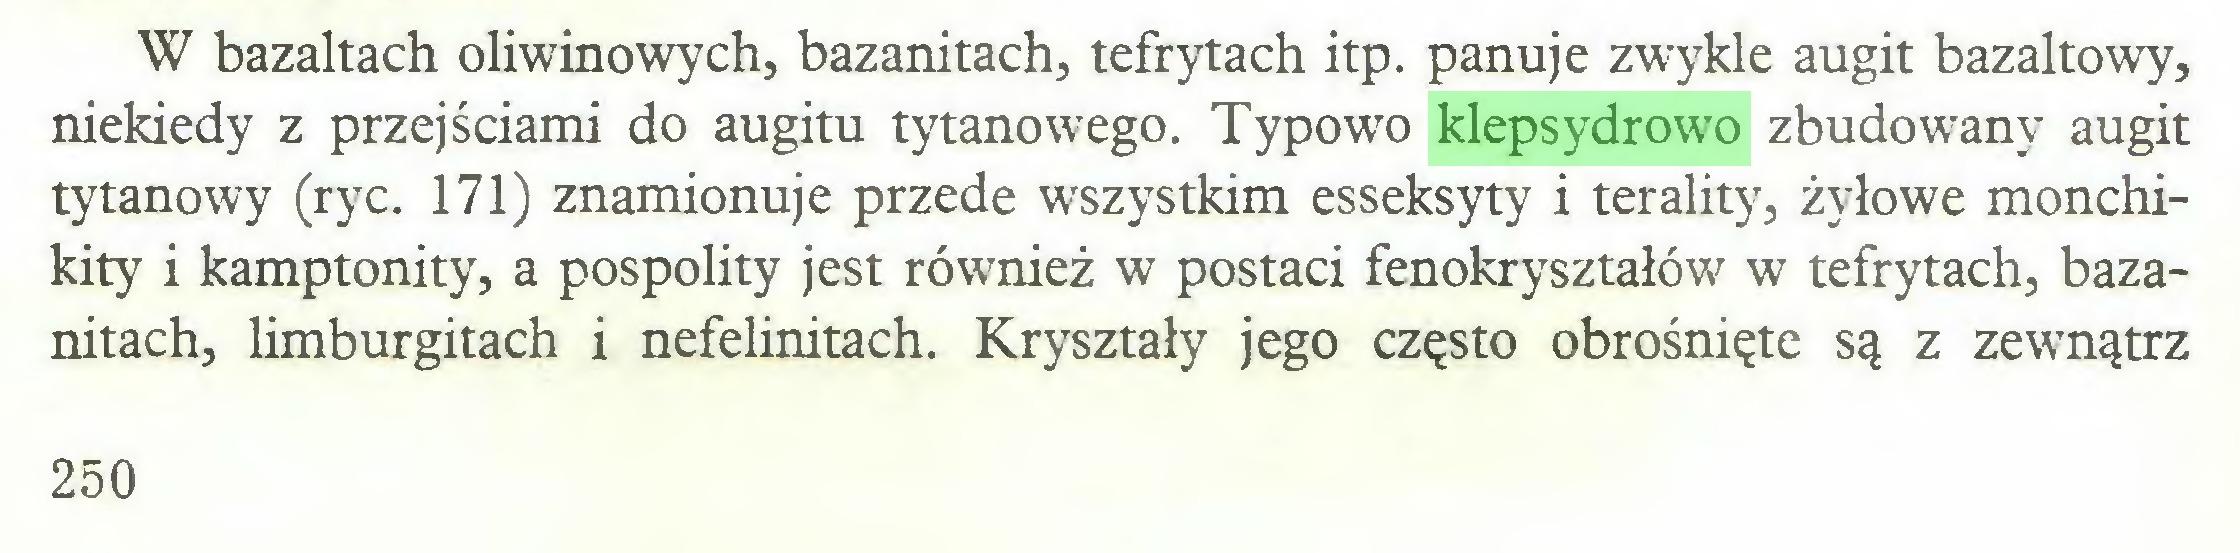 (...) W bazaltach oliwinowych, bazanitach, tefrytach itp. panuje zwykle augit bazaltowy, niekiedy z przejściami do augitu tytanowego. Typowo klepsydrowo zbudowany augit tytanowy (ryc. 171) znamionuje przede wszystkim esseksyty i terality, żyłowe monchikity i kamptonity, a pospolity jest również w postaci fenokryształów w tefrytach, bazanitach, limburgitach i nefelinitach. Kryształy jego często obrośnięte są z zewnątrz 250...